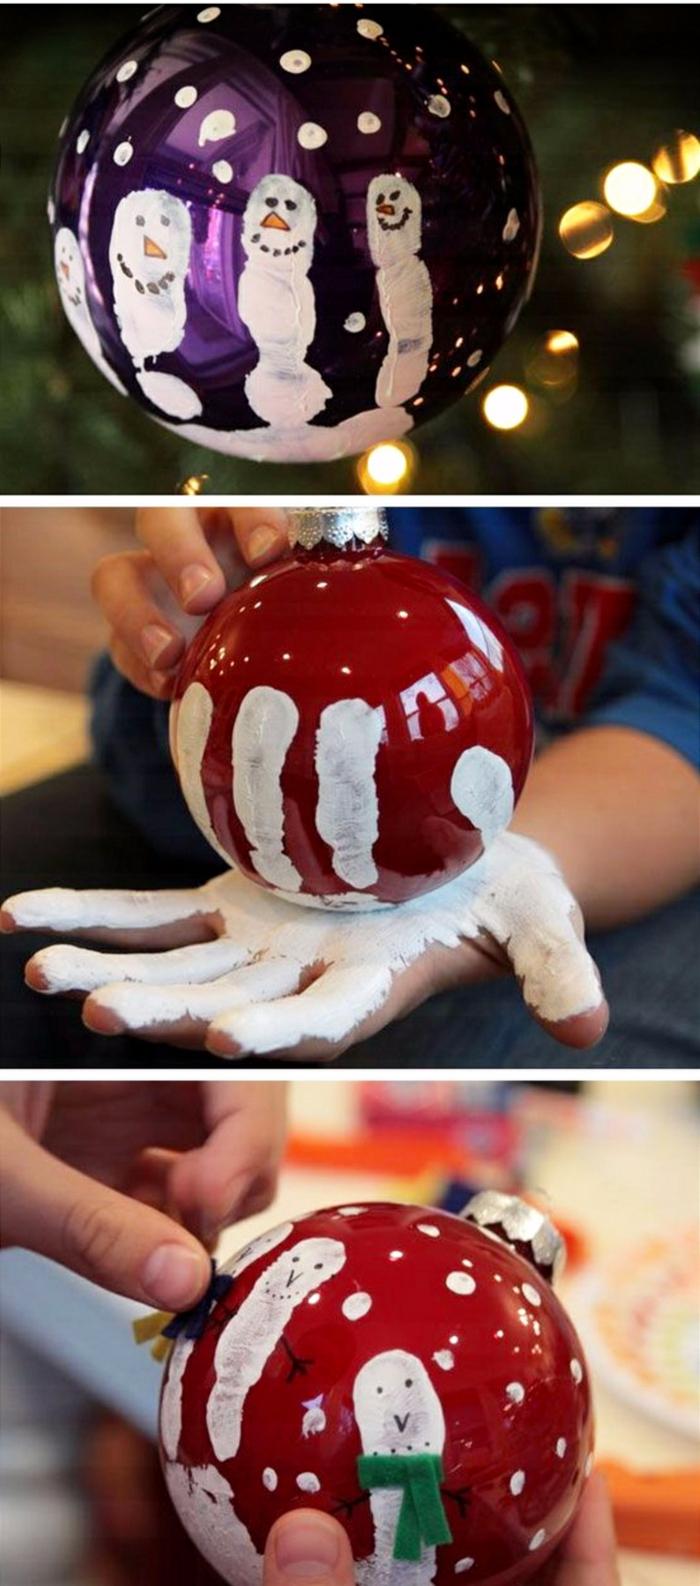 Dekoration für Weihnachten, Kugeln in lila und rot, Handgemalt mit Kinderhandabdruck, Weihnachtsgeschenk für Großeltern